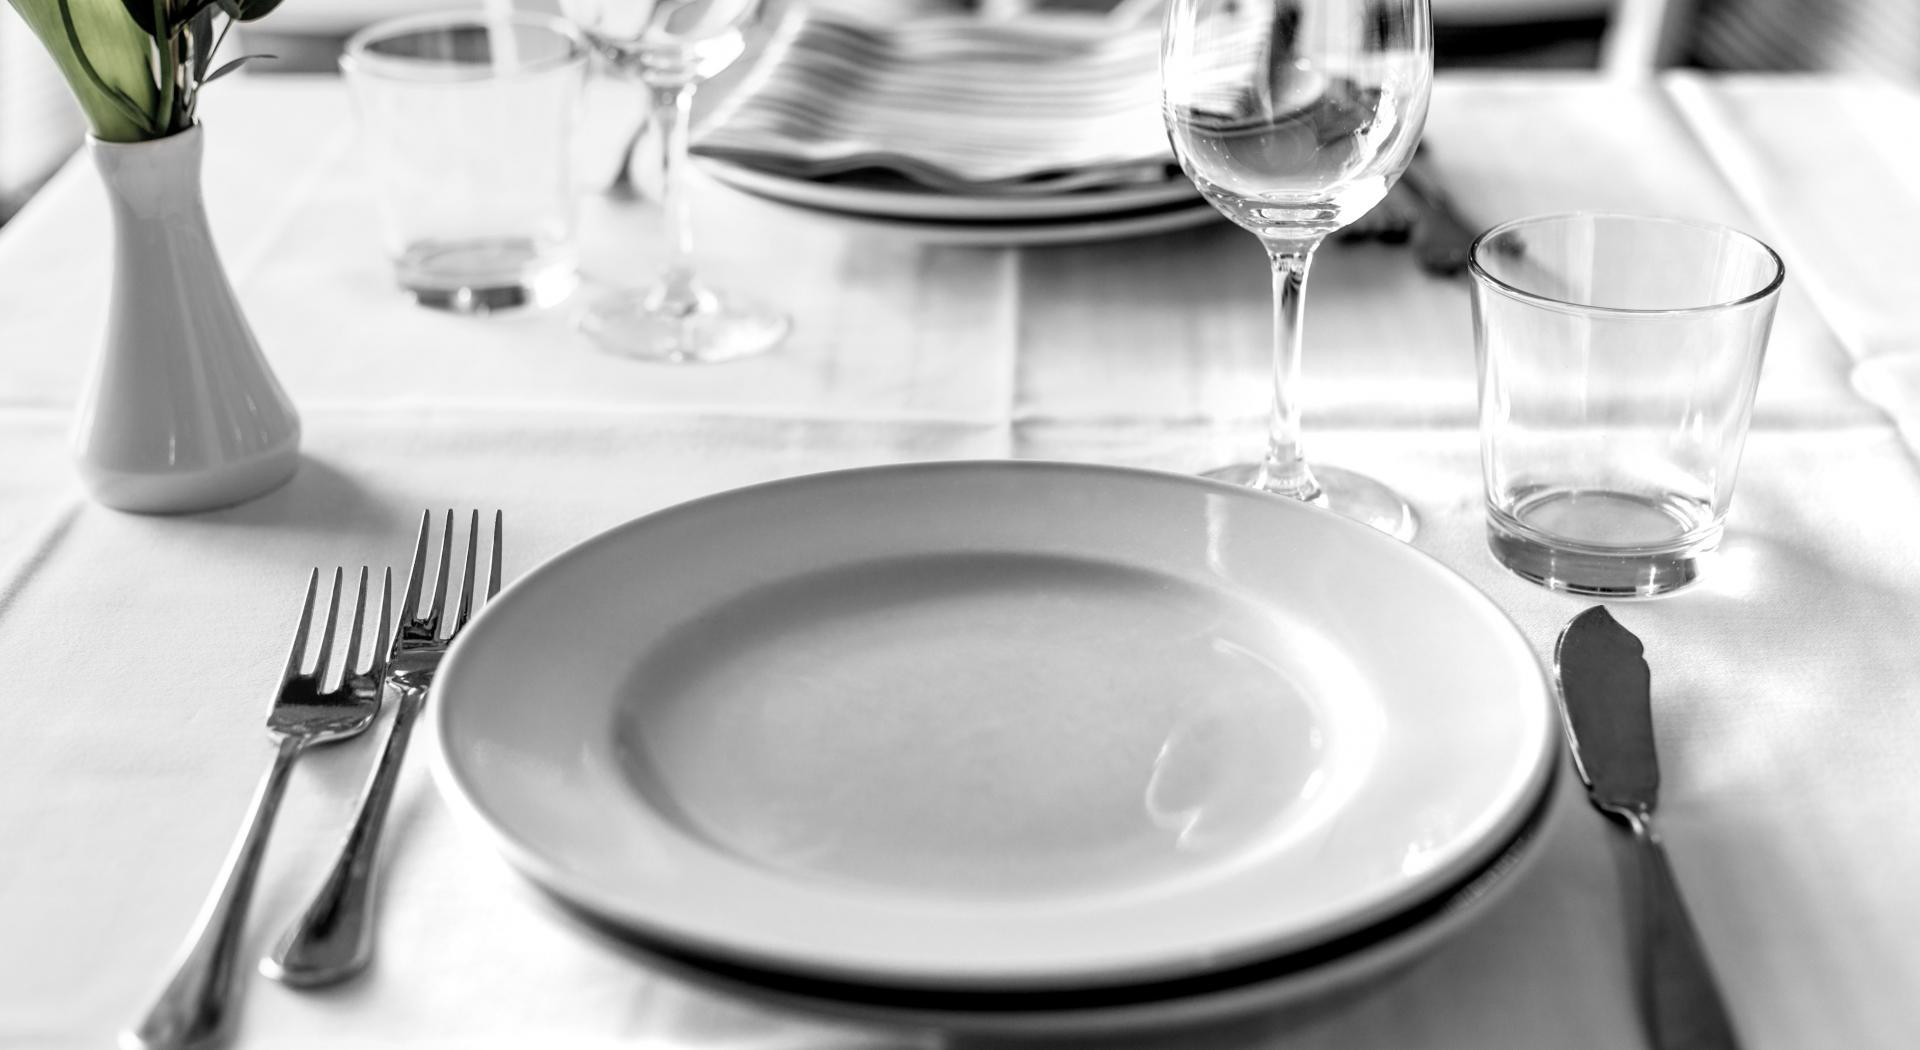 Come Apparecchiare La Tavola Galateo dove si mettono le posate a tavola